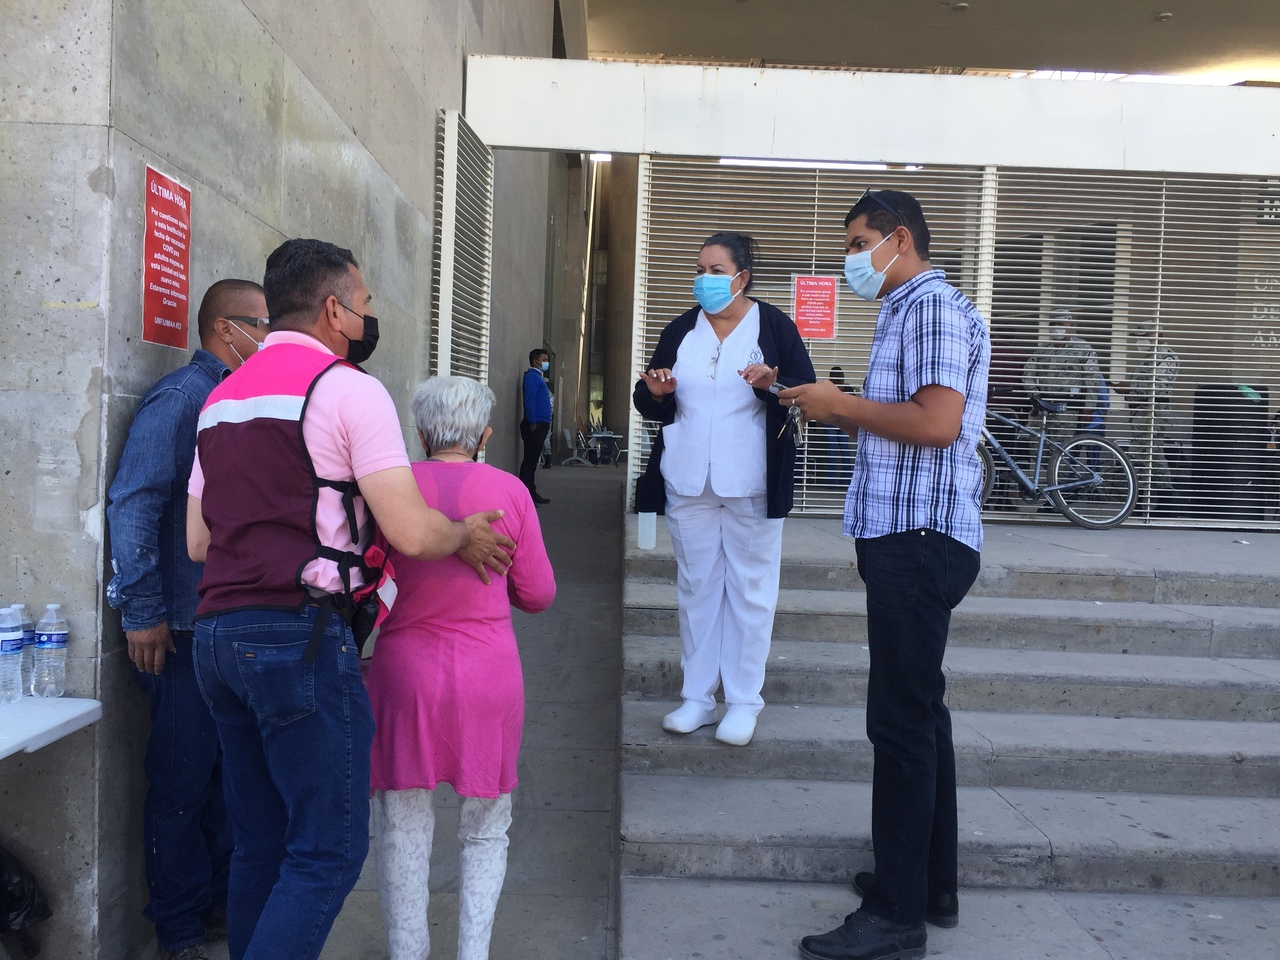 Vacunación contra Covid-19 avanza lento en Durango